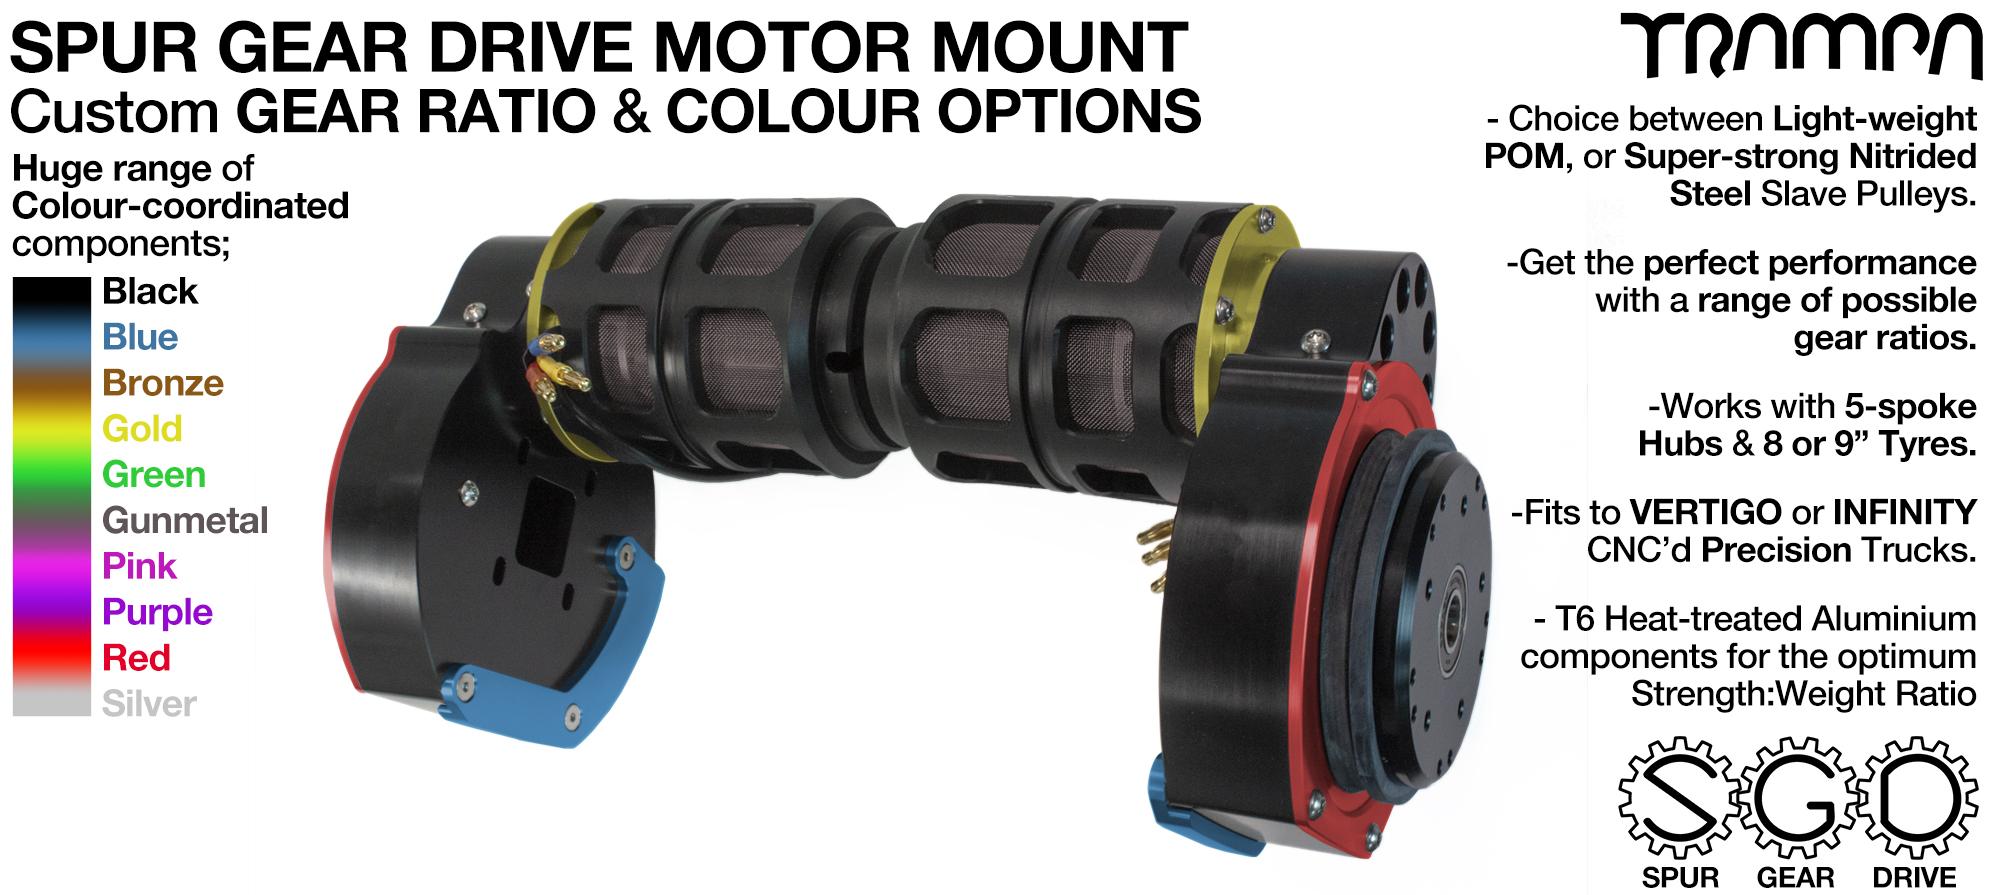 Mountainboard Spur Gear Drive TWIN Motor Mounts - with Motors